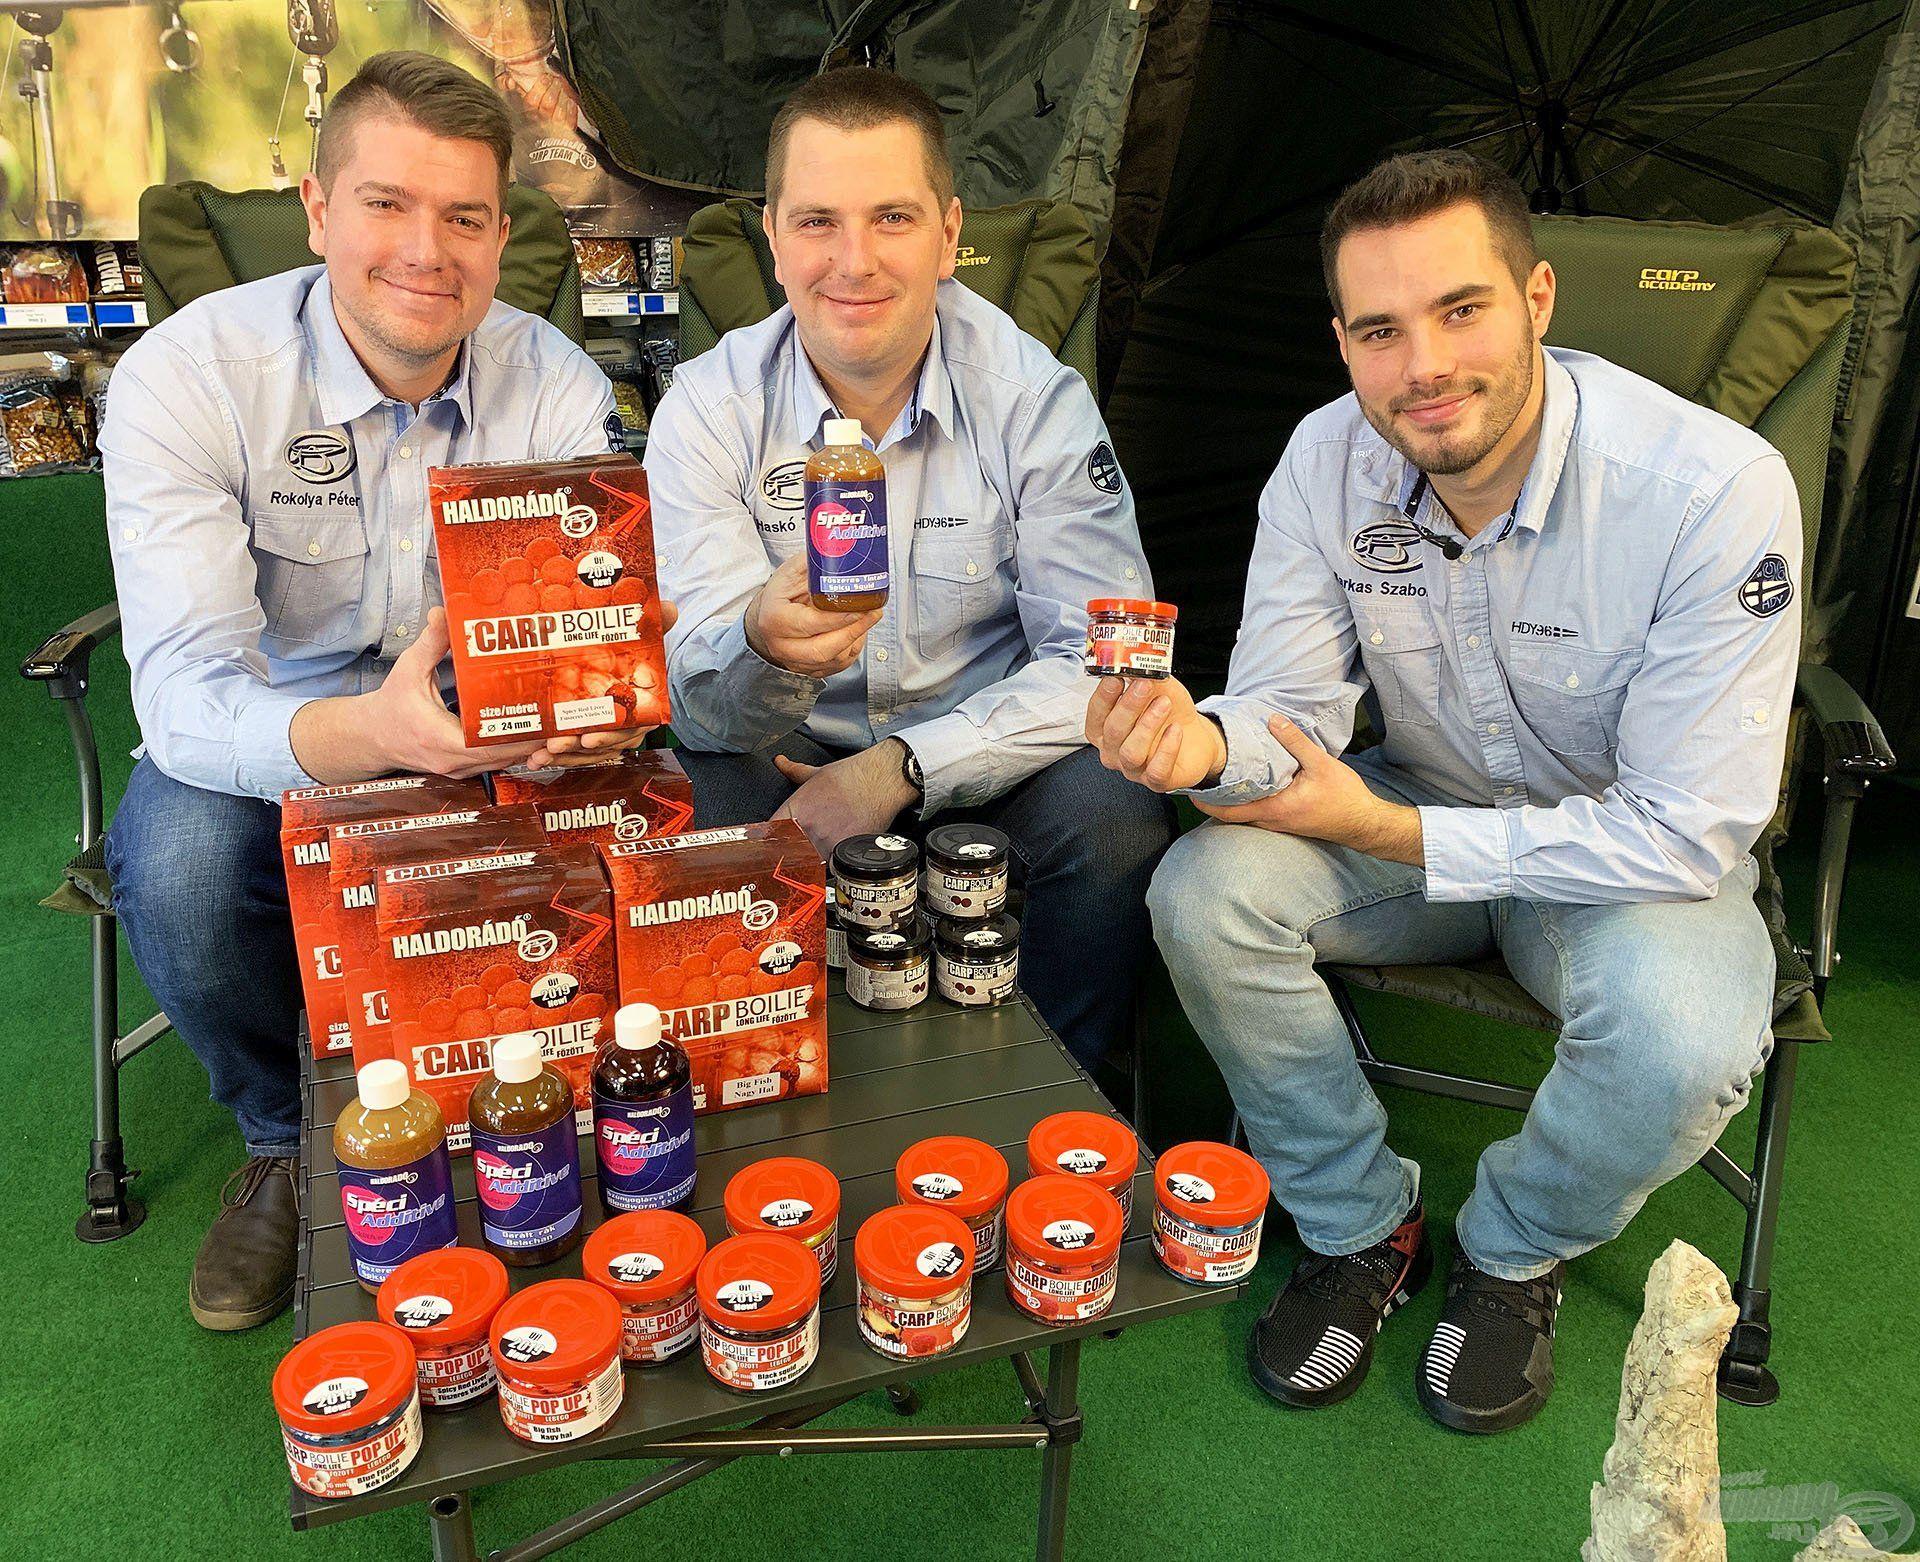 A Haldorádó Carp Team sem tétlenkedett az elmúlt év során, a csapat három jeles tagja, Haskó Tamás, Farkas Szabolcs és Rokolya Péter gőzerővel dolgozott a nagypontyos termékvonal fejlesztésén